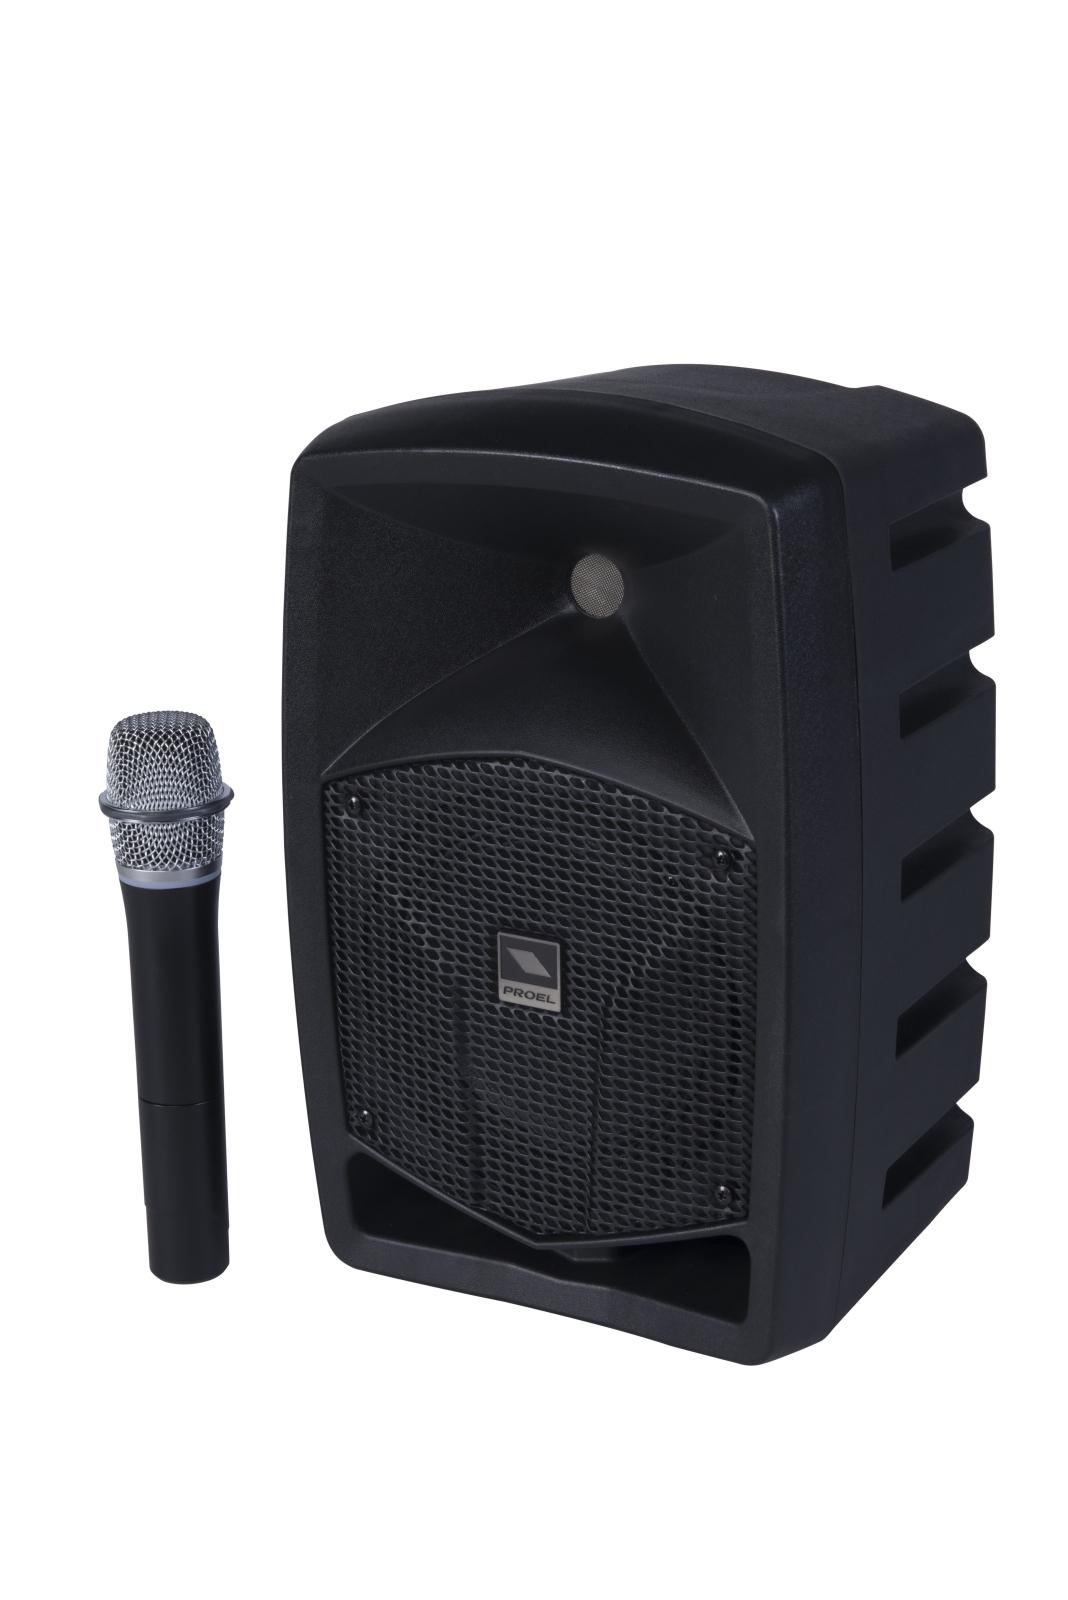 PROEL FREE6LT - Sistema combinato alimentato a batteria - Voce - Audio Casse e Monitor - Diffusori Attivi